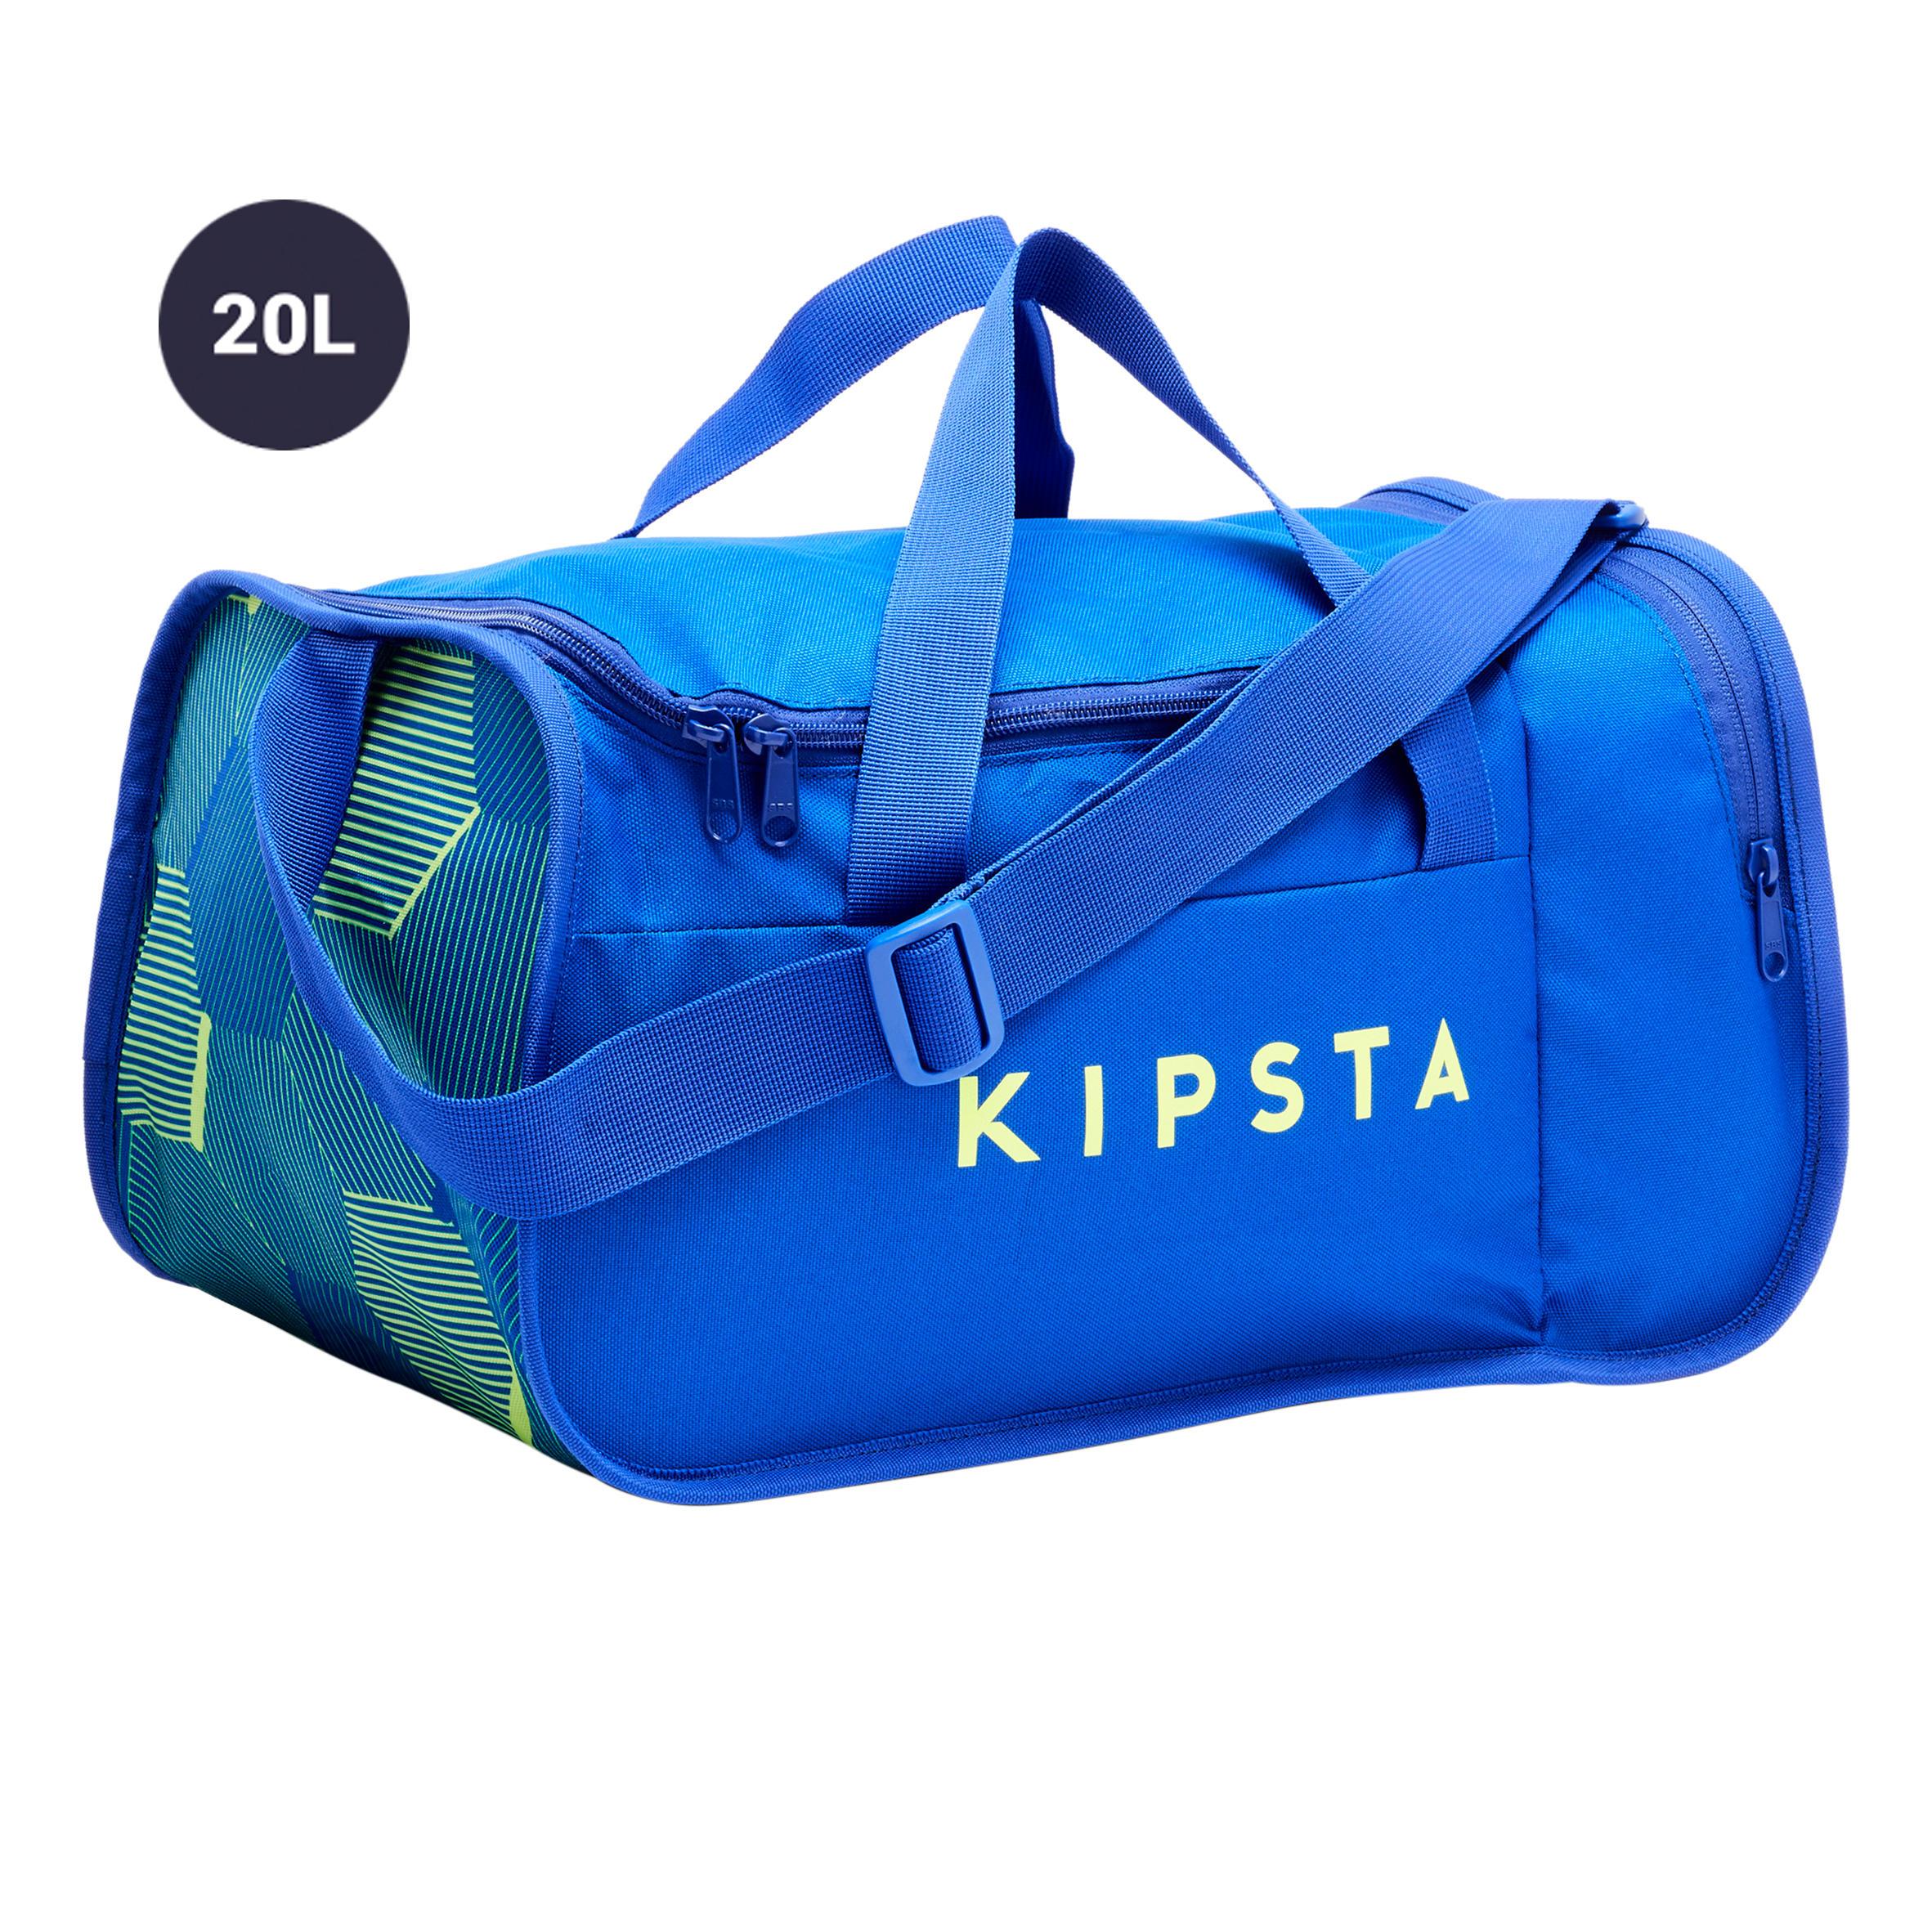 auténtico precio baratas venta de tienda outlet Bolsa Deporte Kipsta Kipocket 20L Azul Amarilla